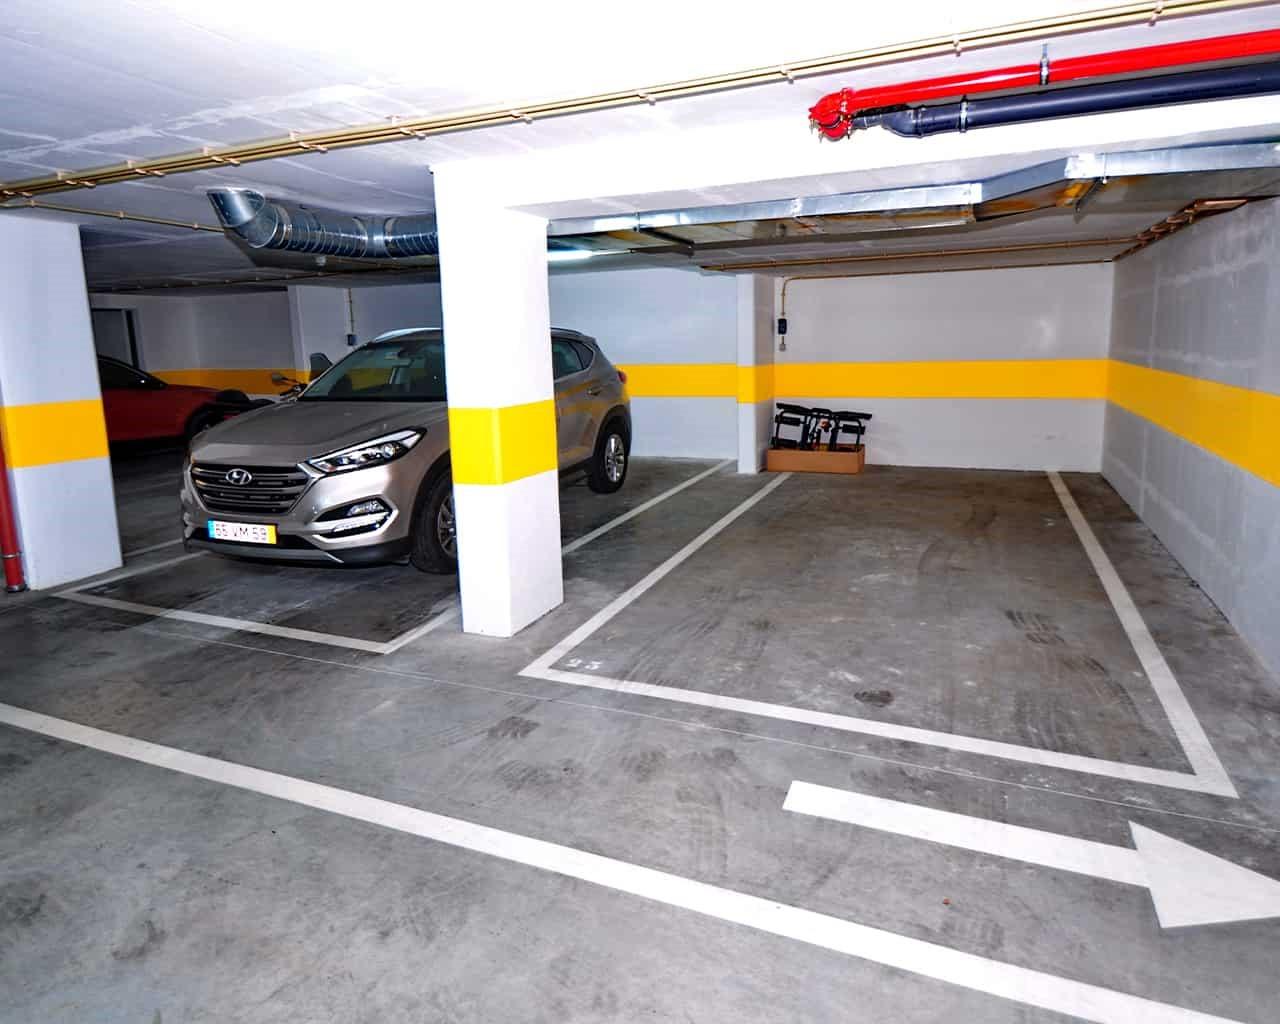 apartemento_albufeira_estacionamento